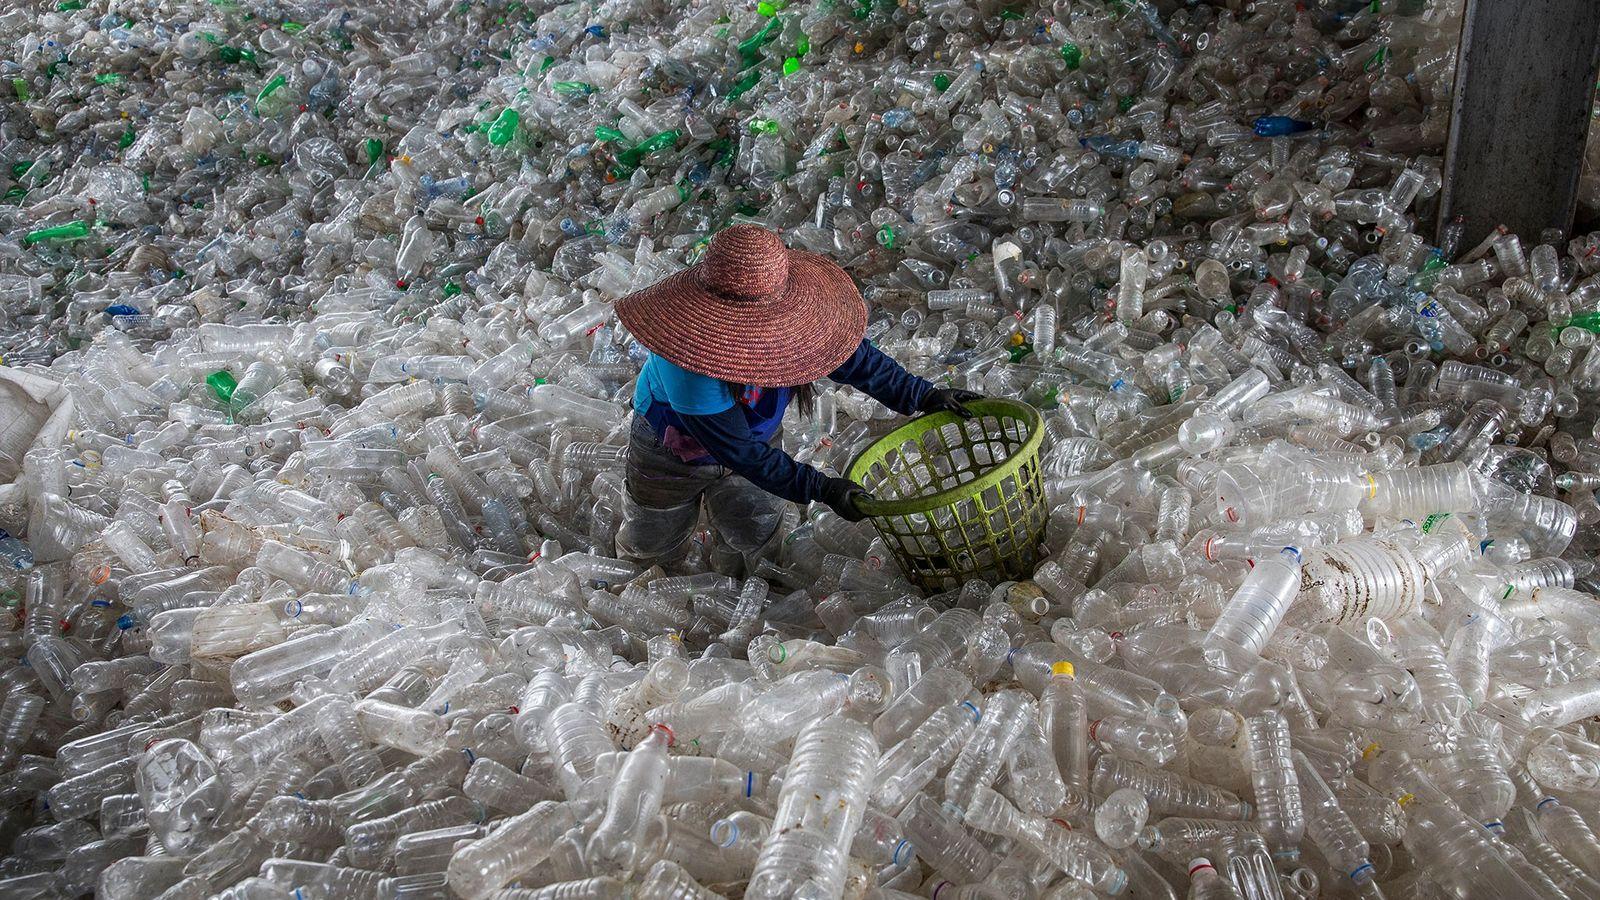 In einer Recyclinganlage in Valenzuela auf den Philippinen türmen sich alte Plastikflaschen auf.